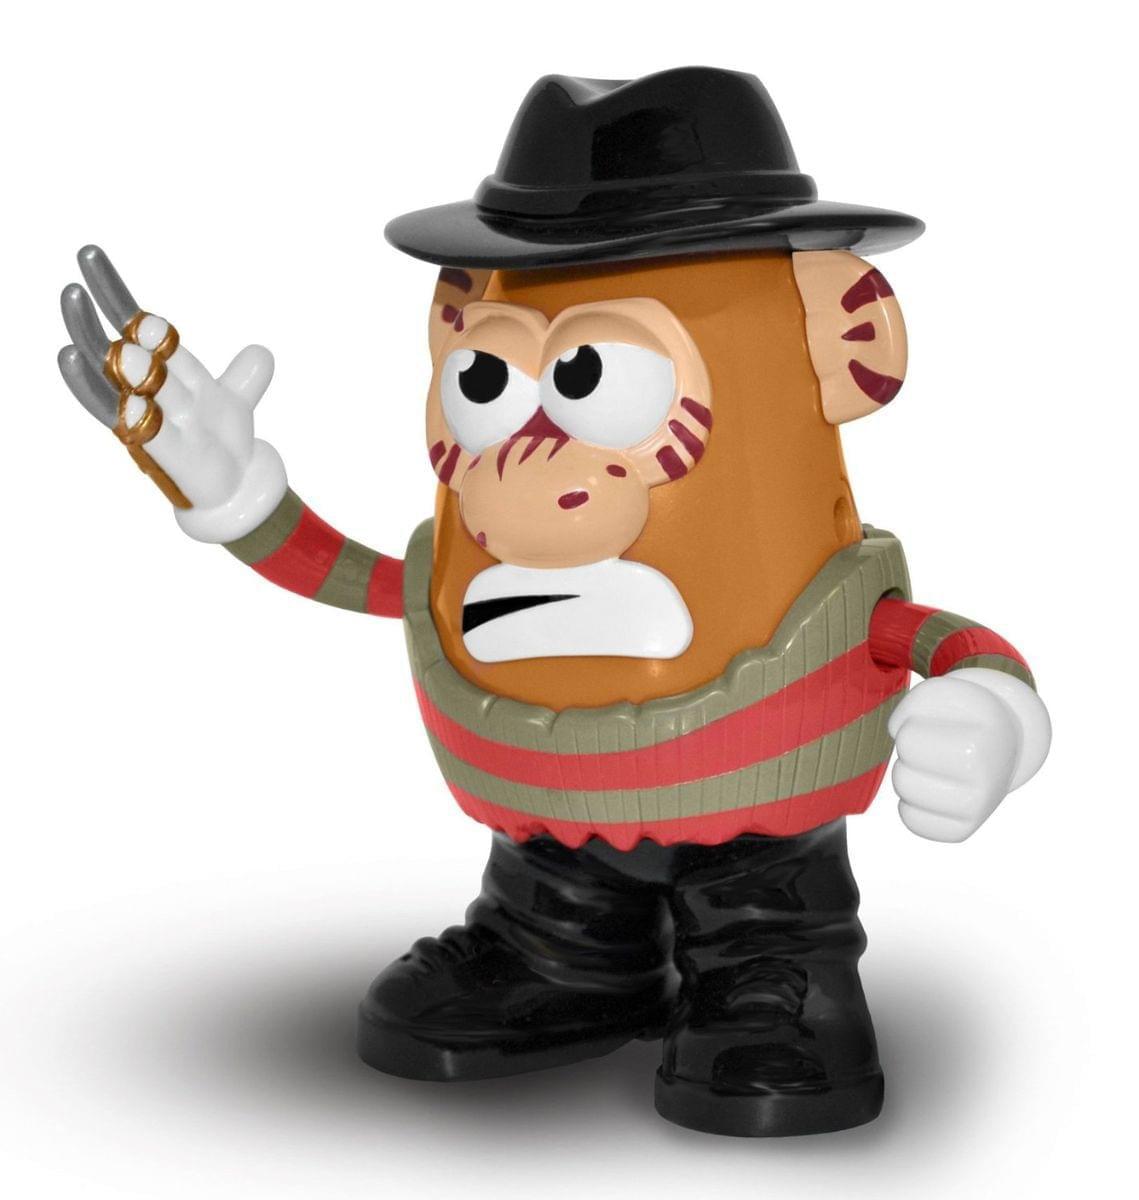 Mr. Potato Head as Freddy Krueger